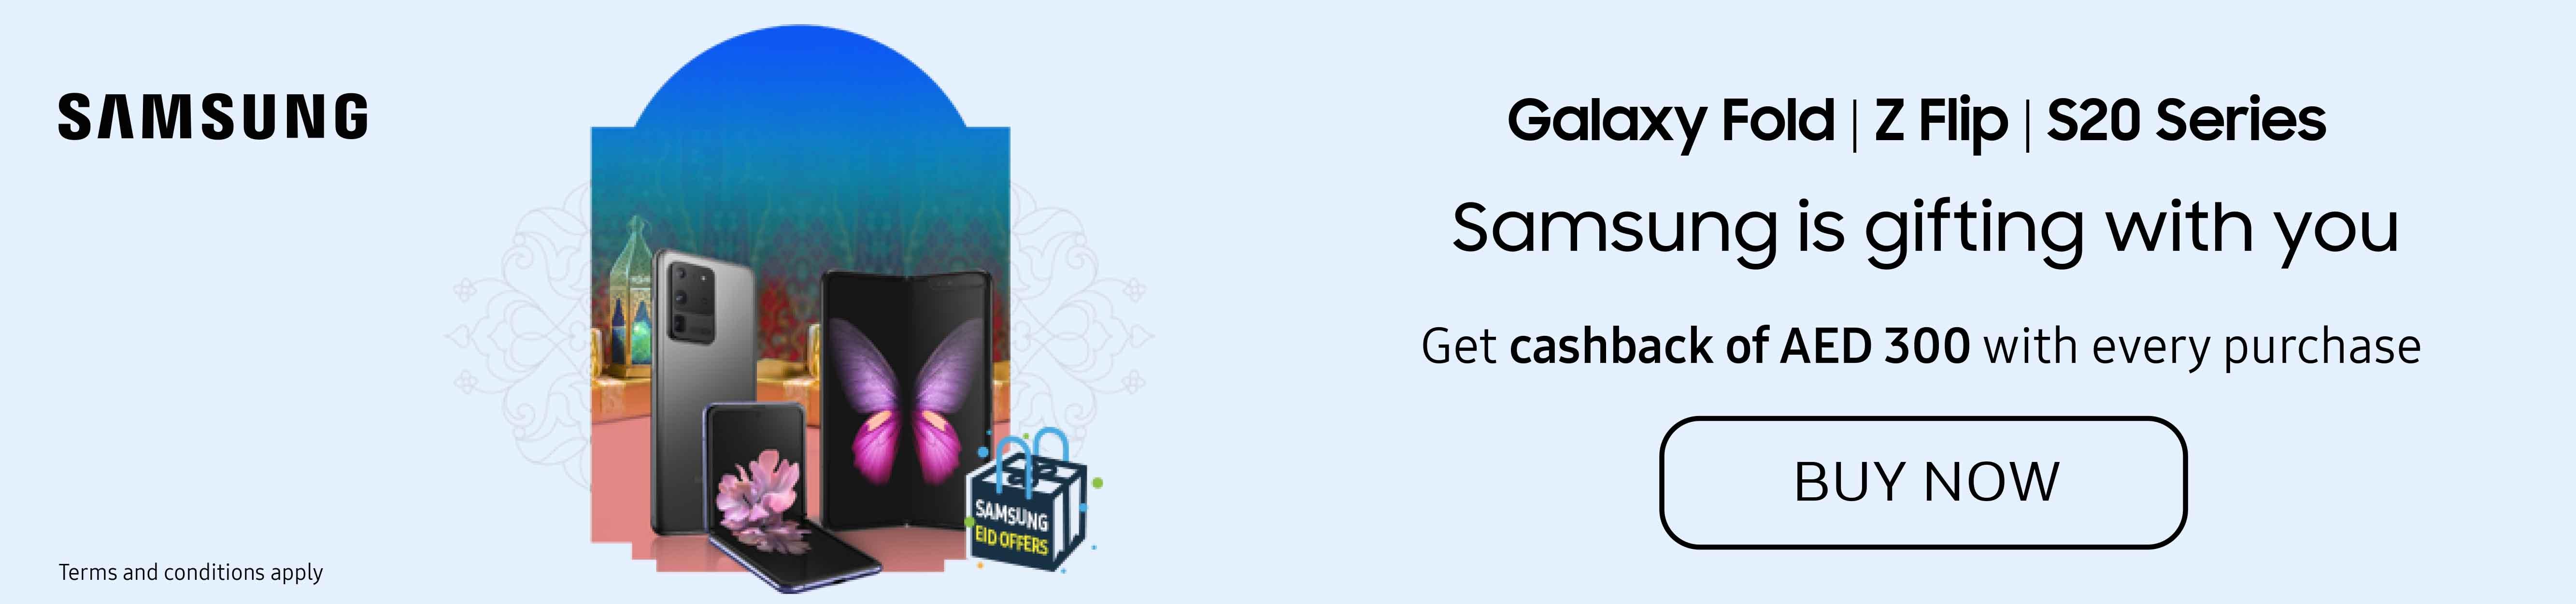 SAMSUNG CASH BACK OFFER ON SELECTED SMART PHONES